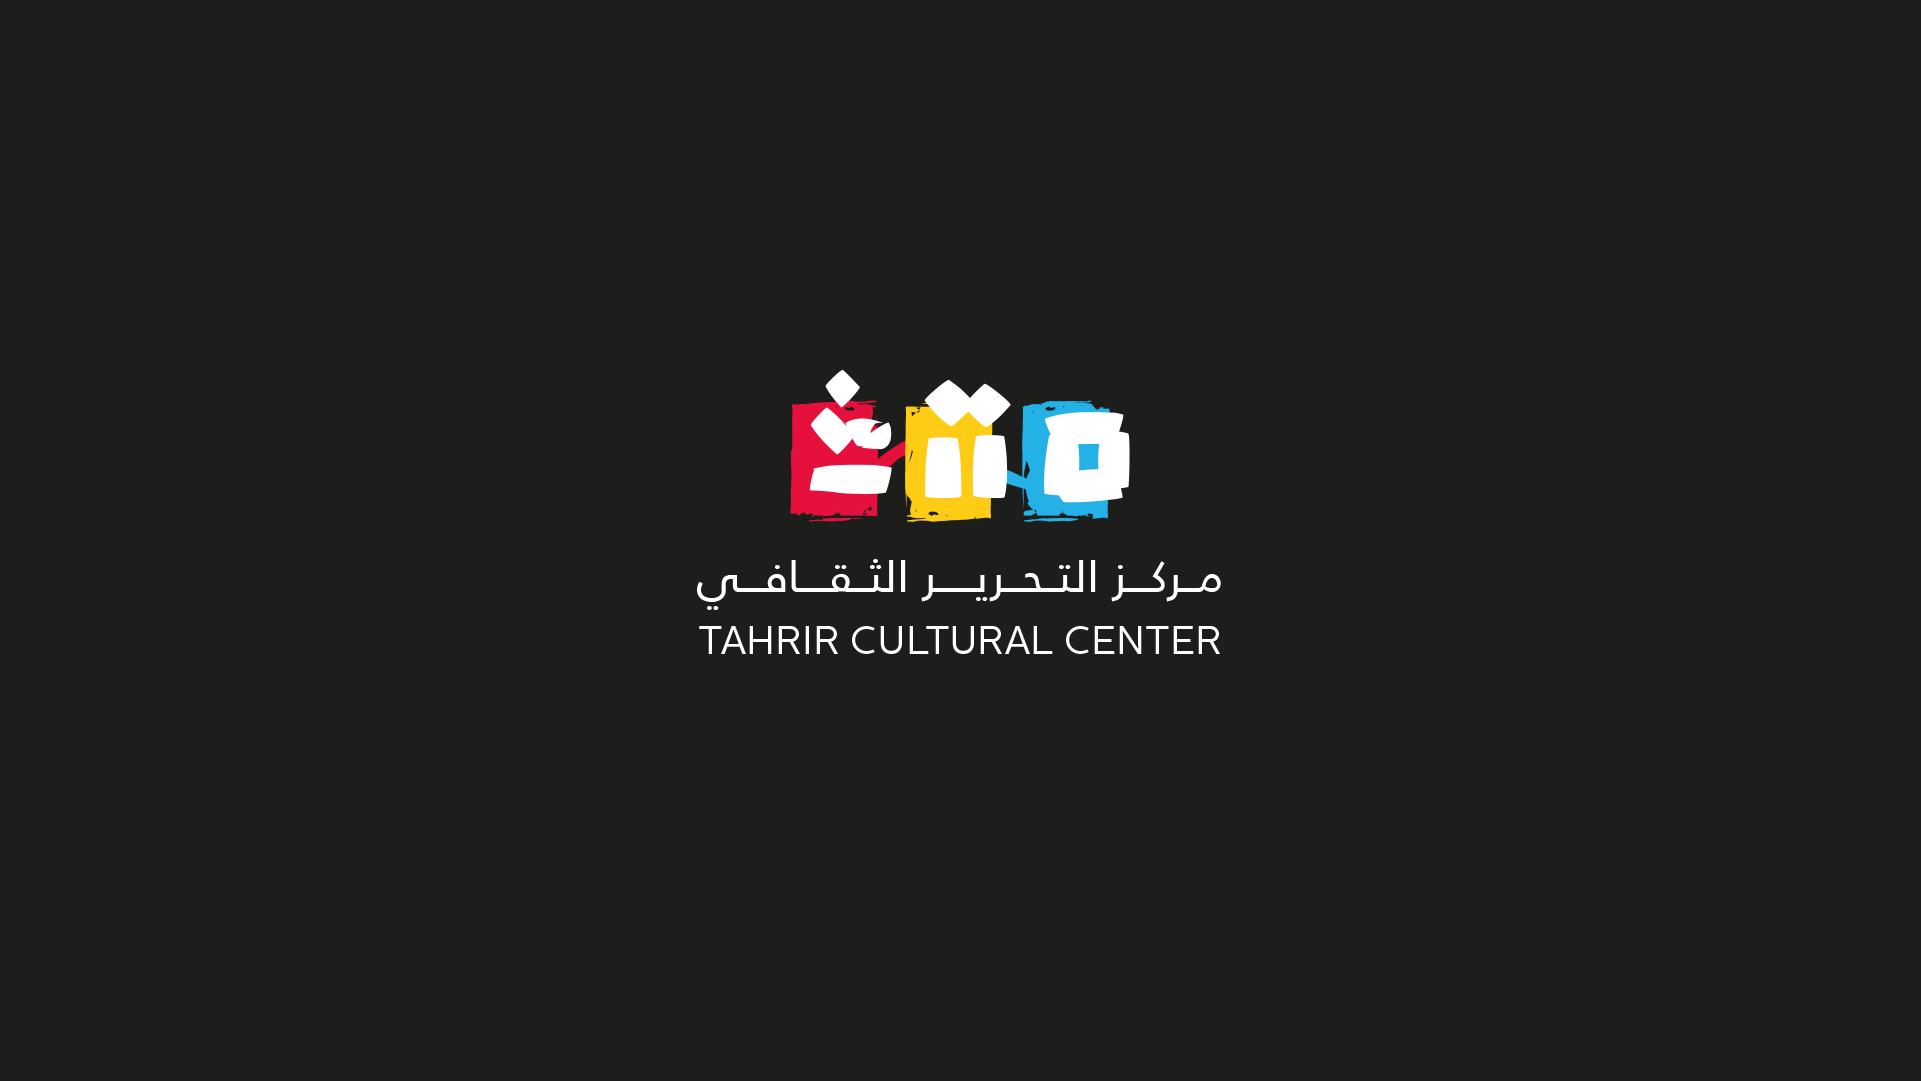 Tahrir Cultural Center